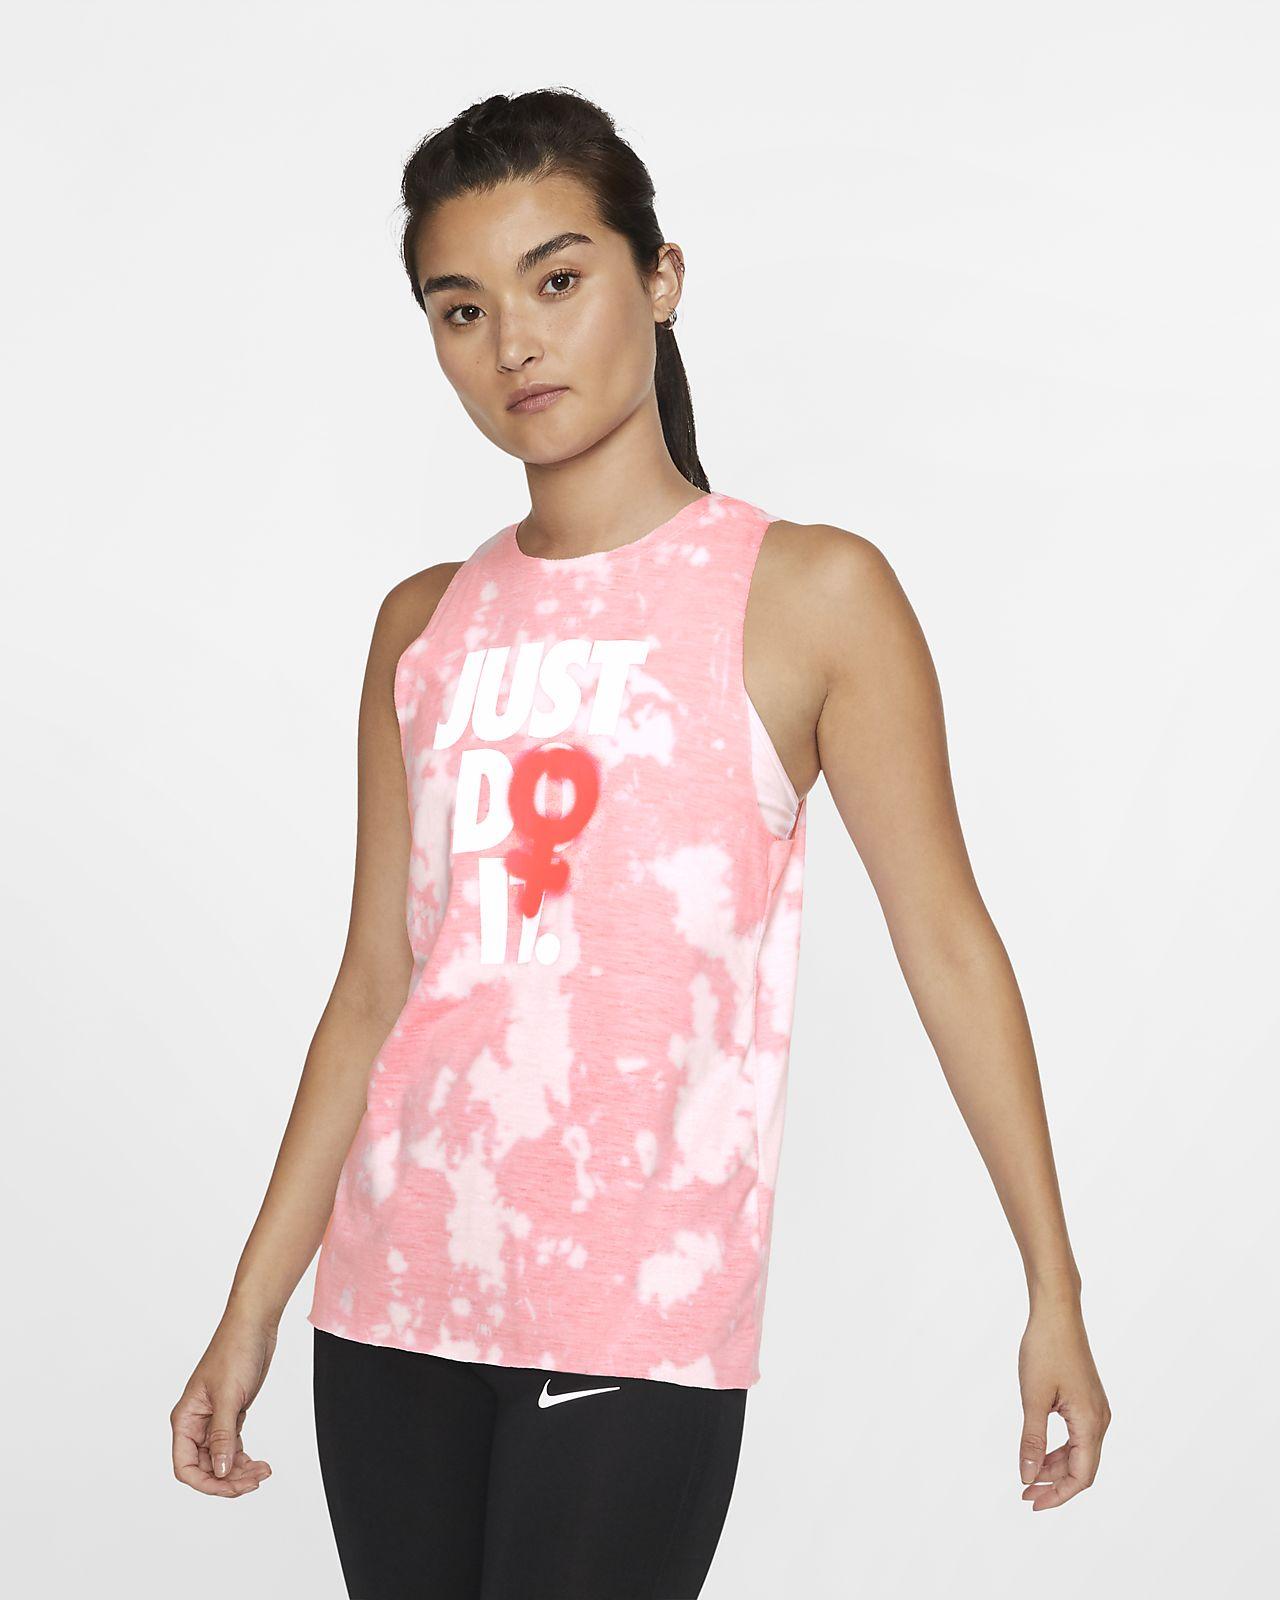 เสื้อกล้ามเทรนนิ่งแขนกุดผู้หญิง Nike